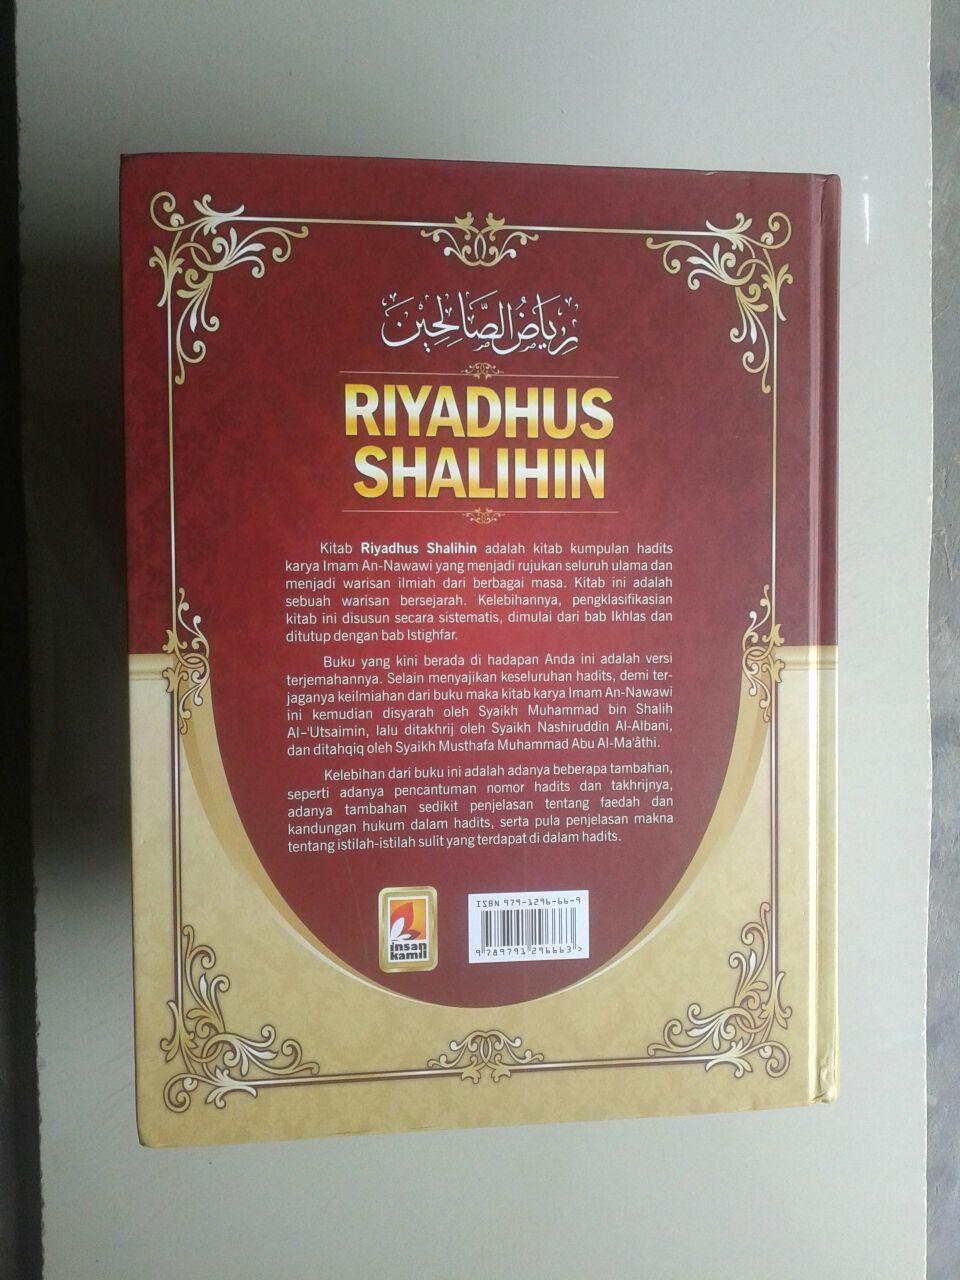 Buku Terjemah Riyadhus Shalihin cover